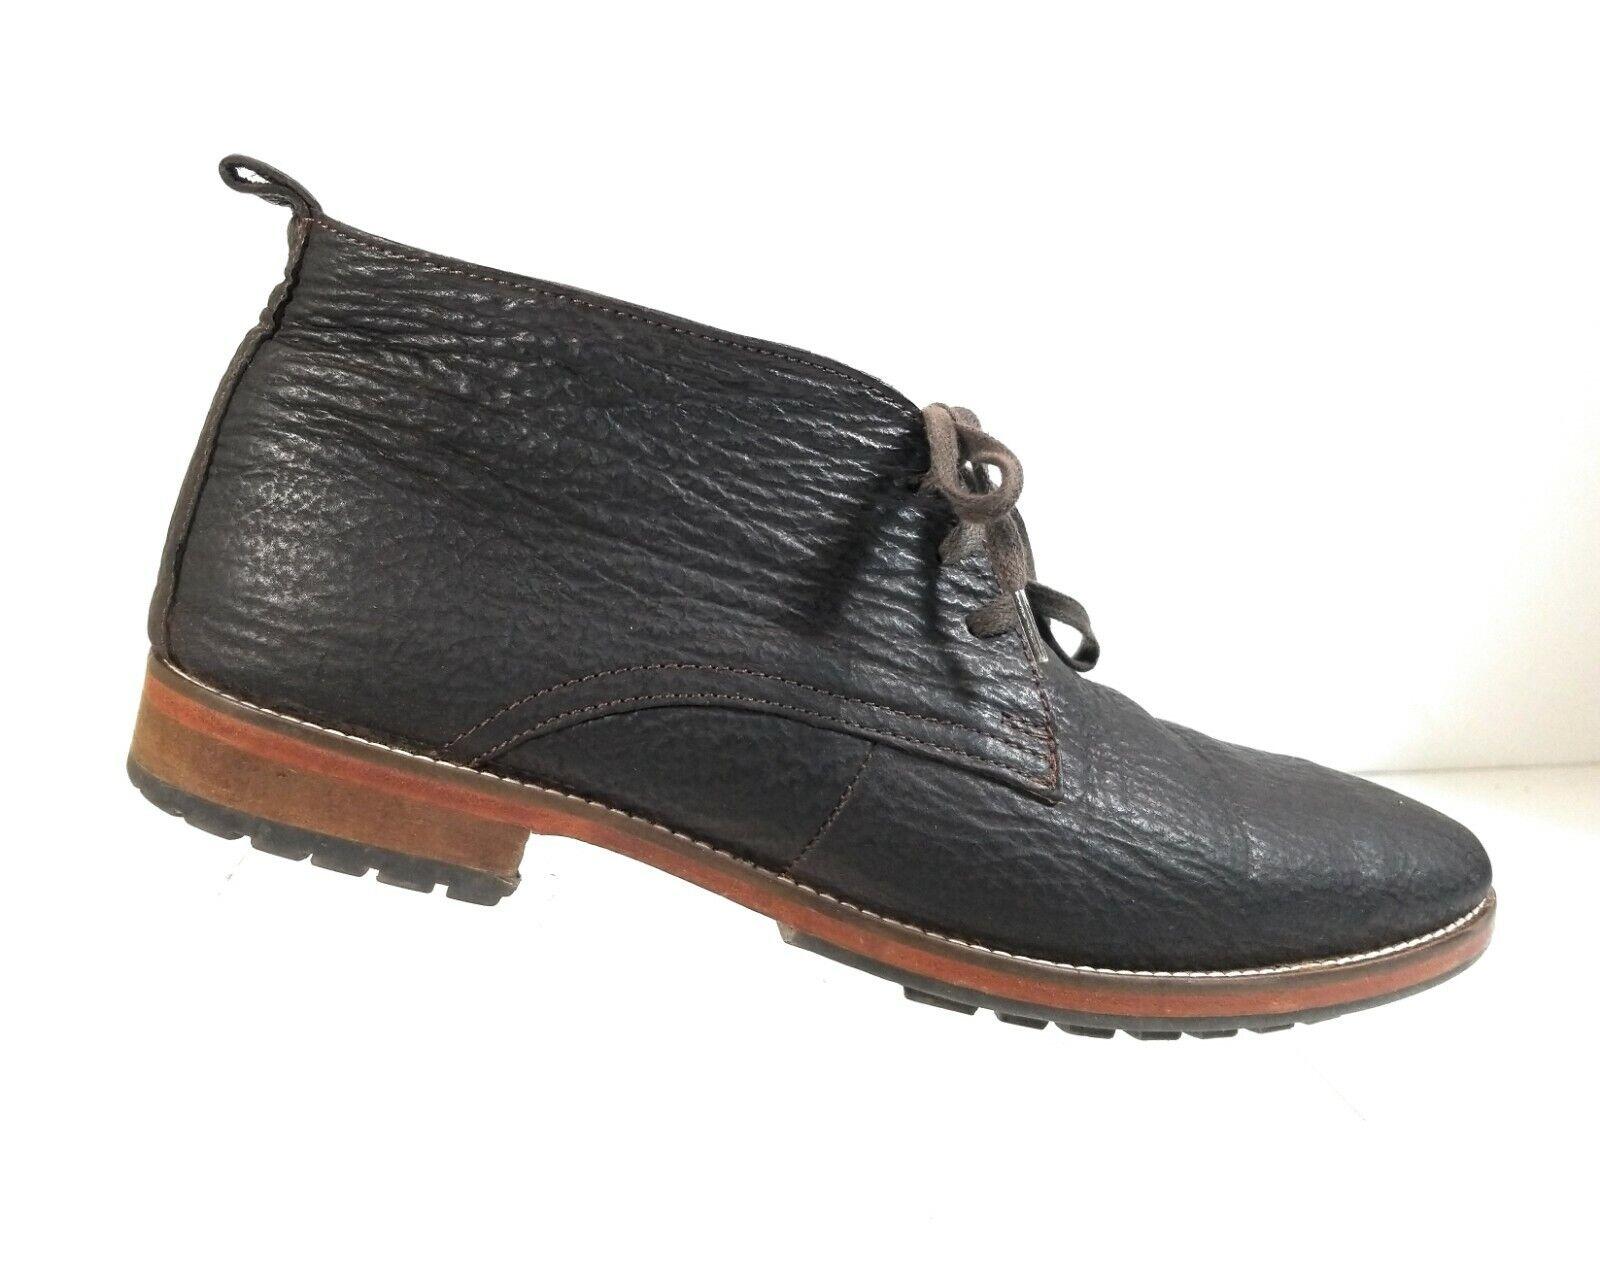 Alan Payne Hombres Alta Top Zapatos Marrón Cuero Con Cordones Chukka Tobillo botas